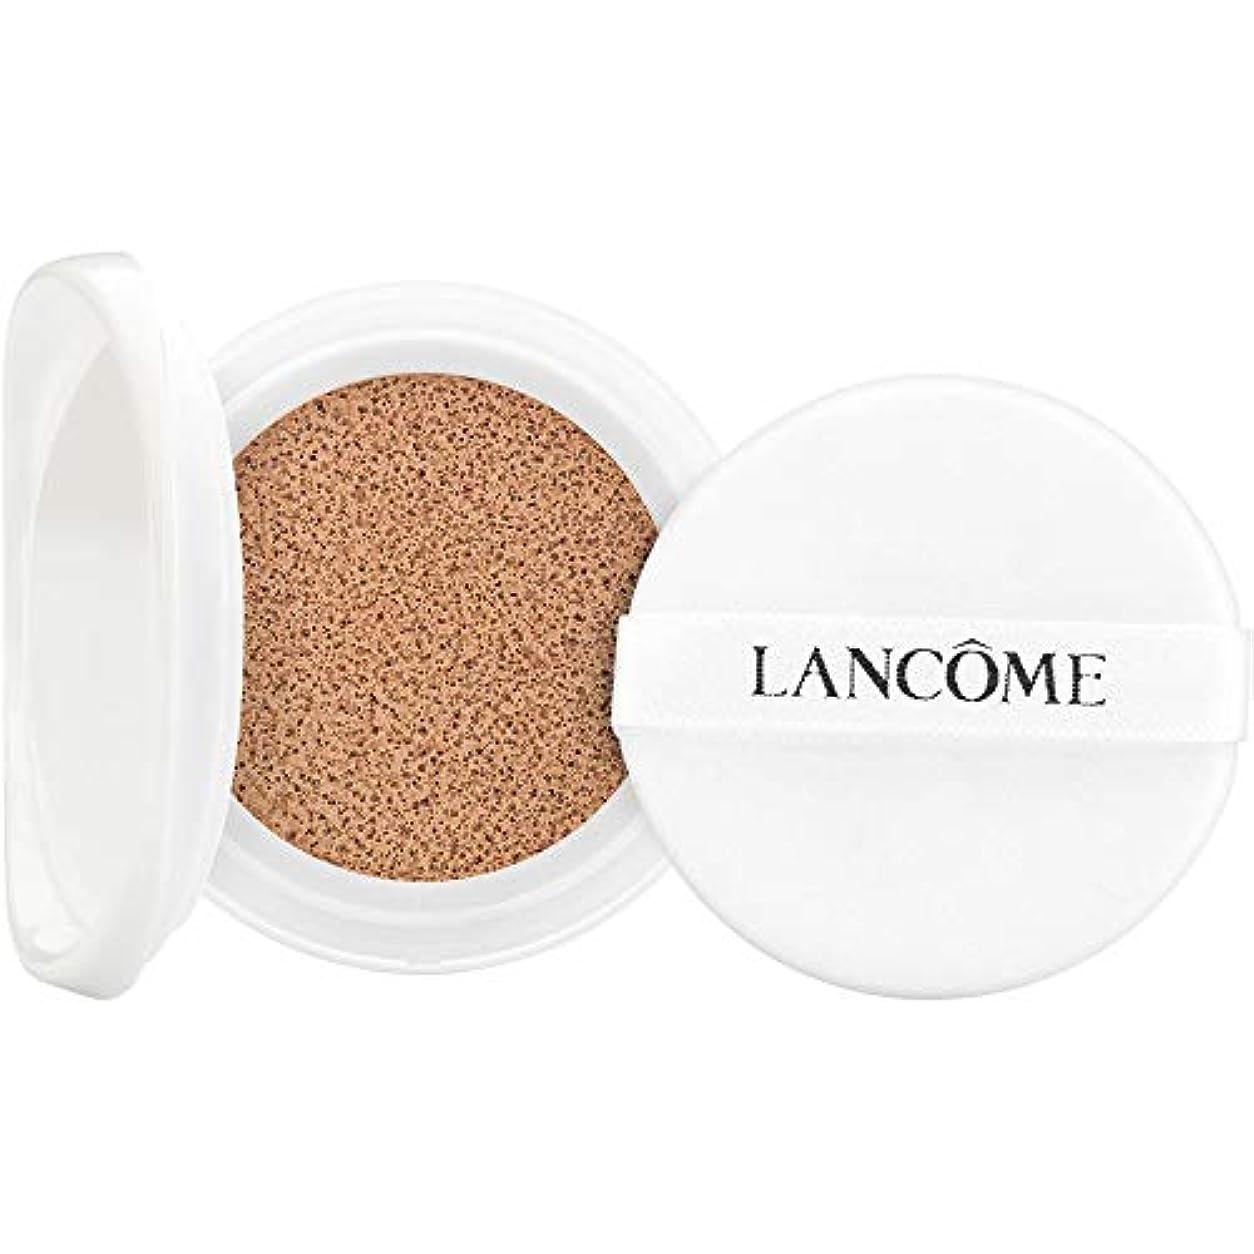 軽量前提条件うがい[Lanc?me] ランコムの奇跡クッション液体クッションコンパクトSpf23 - リフィル14グラム035 - ベージュDore - Lancome Miracle Cushion Liquid Cushion Compact...